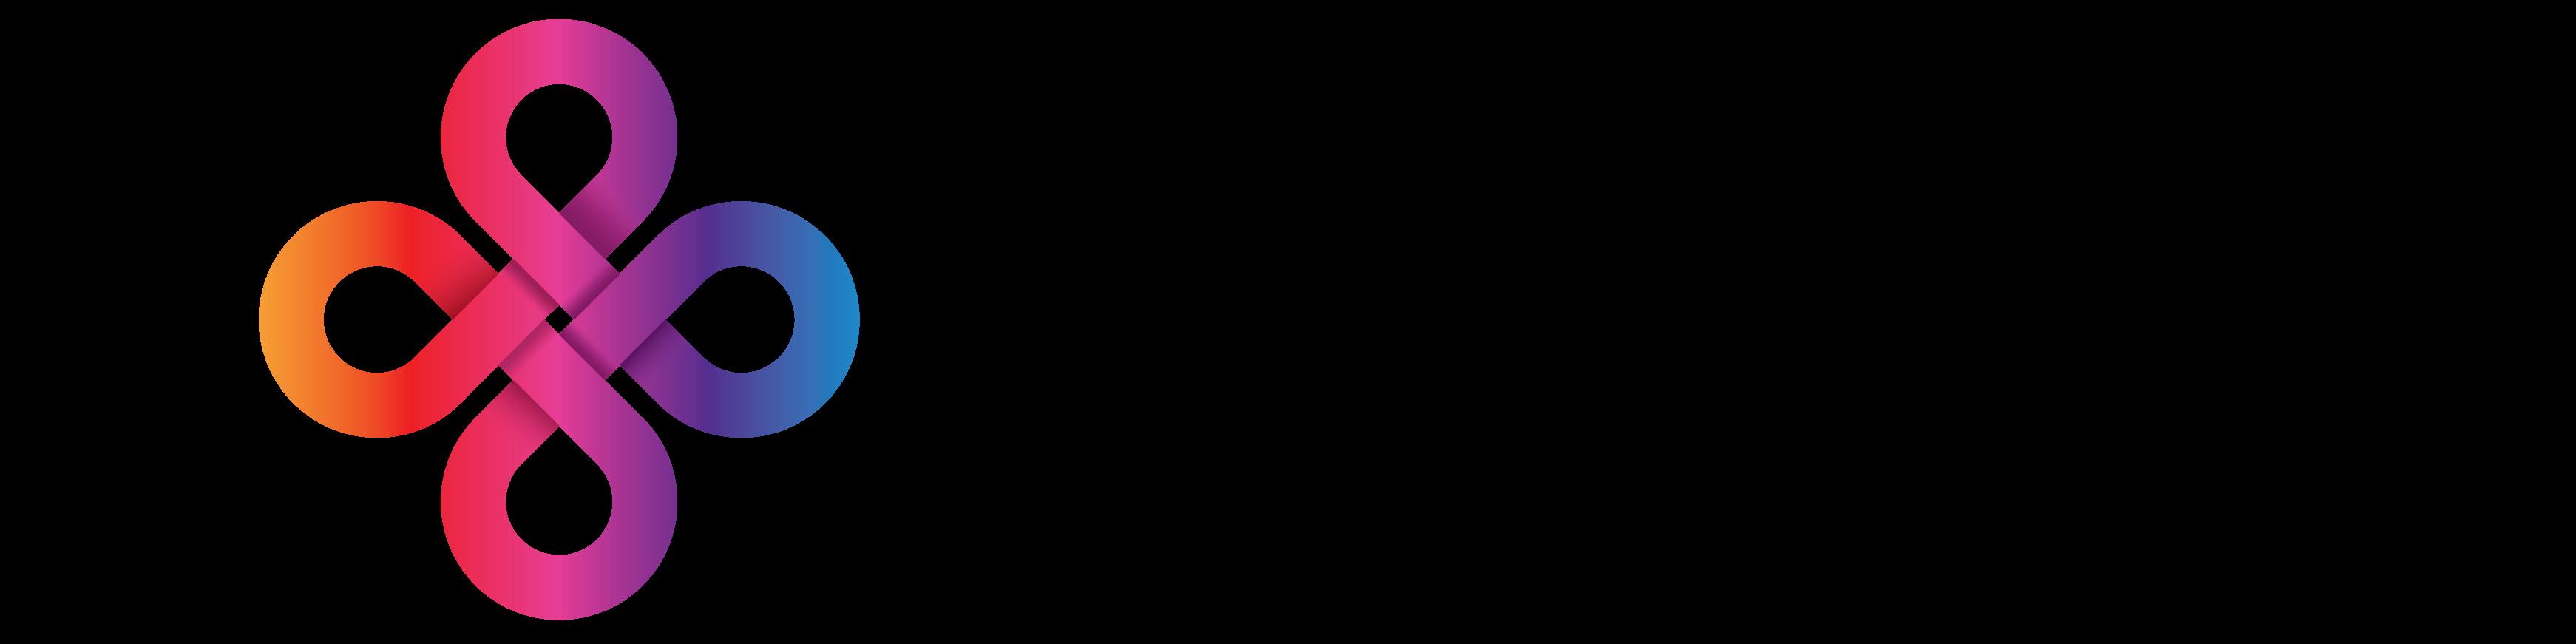 Poliglossa